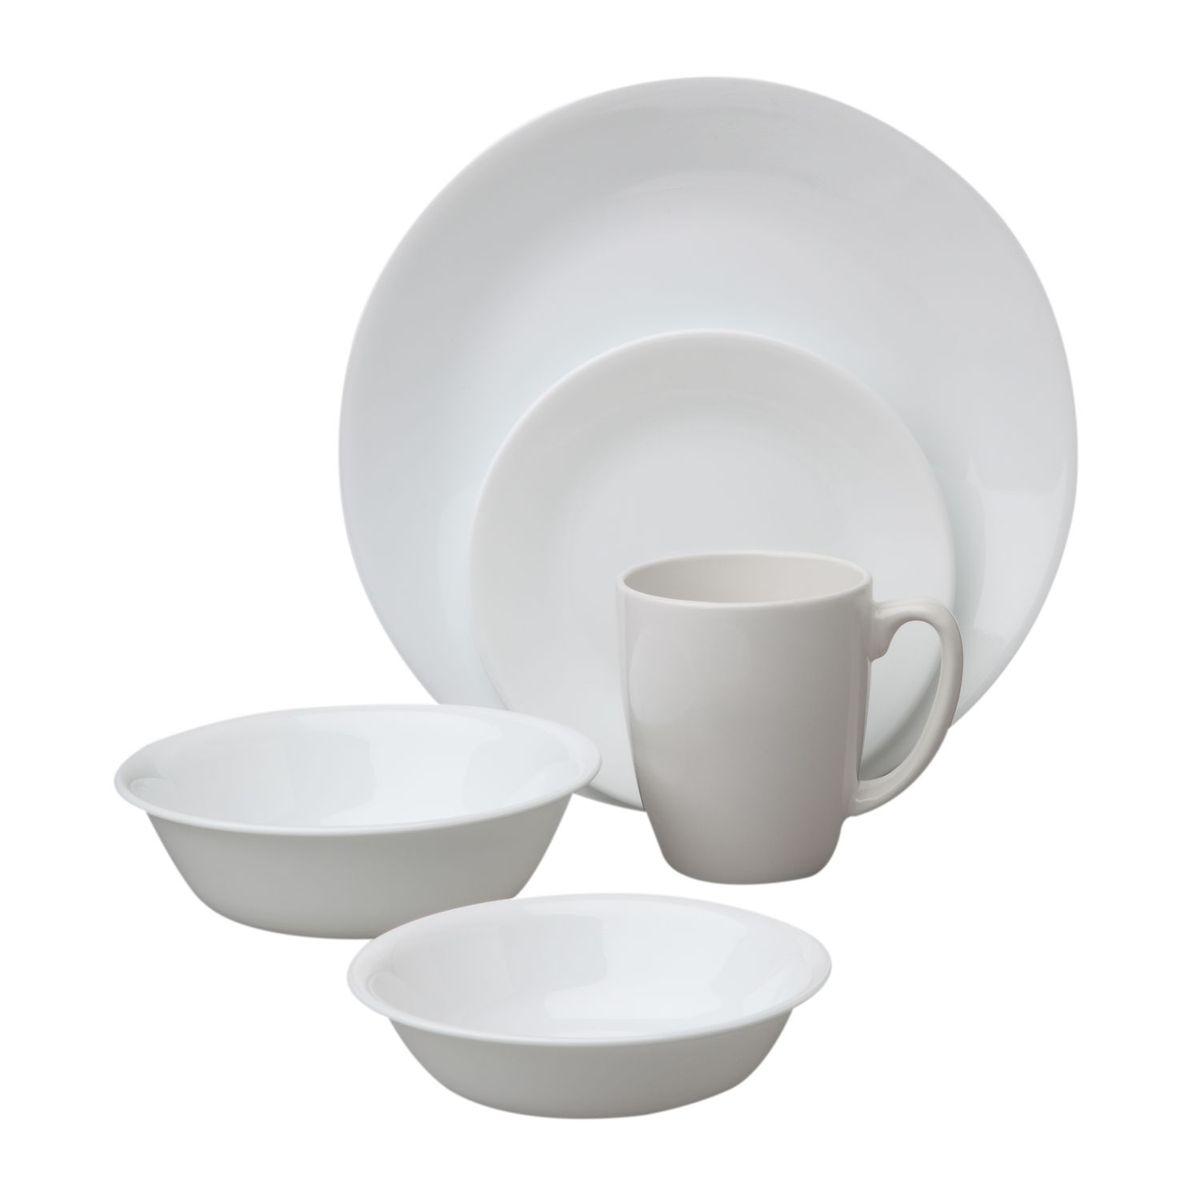 Набор посуды Winter Frost White 30пр, цвет: белый1088656Преимуществами посуды Corelle являются долговечность, красота и безопасность в использовании. Вся посуда Corelle изготавливается из высококачественного ударопрочного трехслойного стекла Vitrelle и украшена деколями американских и европейских дизайнеров. Рисунки не стираются и не царапаются, не теряют свою яркость на протяжении многих лет. Посуда Corelle не впитывает запахов и очень долгое время выглядит как новая. Уникальная эмаль, используемая во время декорирования, фактически становится единым целым с поверхностью стекла, что гарантирует долгое сохранение нанесенного рисунка. Еще одним из главных преимуществ посуды Corelle является ее безопасность. В производстве используются только безопасные для пищи пигменты эмали, при производстве посуды не применяется вредный для здоровья человека меламин. Изделия из материала Vitrelle: Прочные и легкие; Выдерживают температуру до 180С; Могут использоваться в посудомоечной машине и микроволновой печи; Штабелируемые; Устойчивы к царапинам; Ударопрочные; Не содержит меламин.6 обеденных тарелок 26 см; 6 десертных тарелок 17 см; 6 суповых тарелок 440 мл; 6 суповых тарелок 530 мл; 6 фарфоровых кружек 313 мл